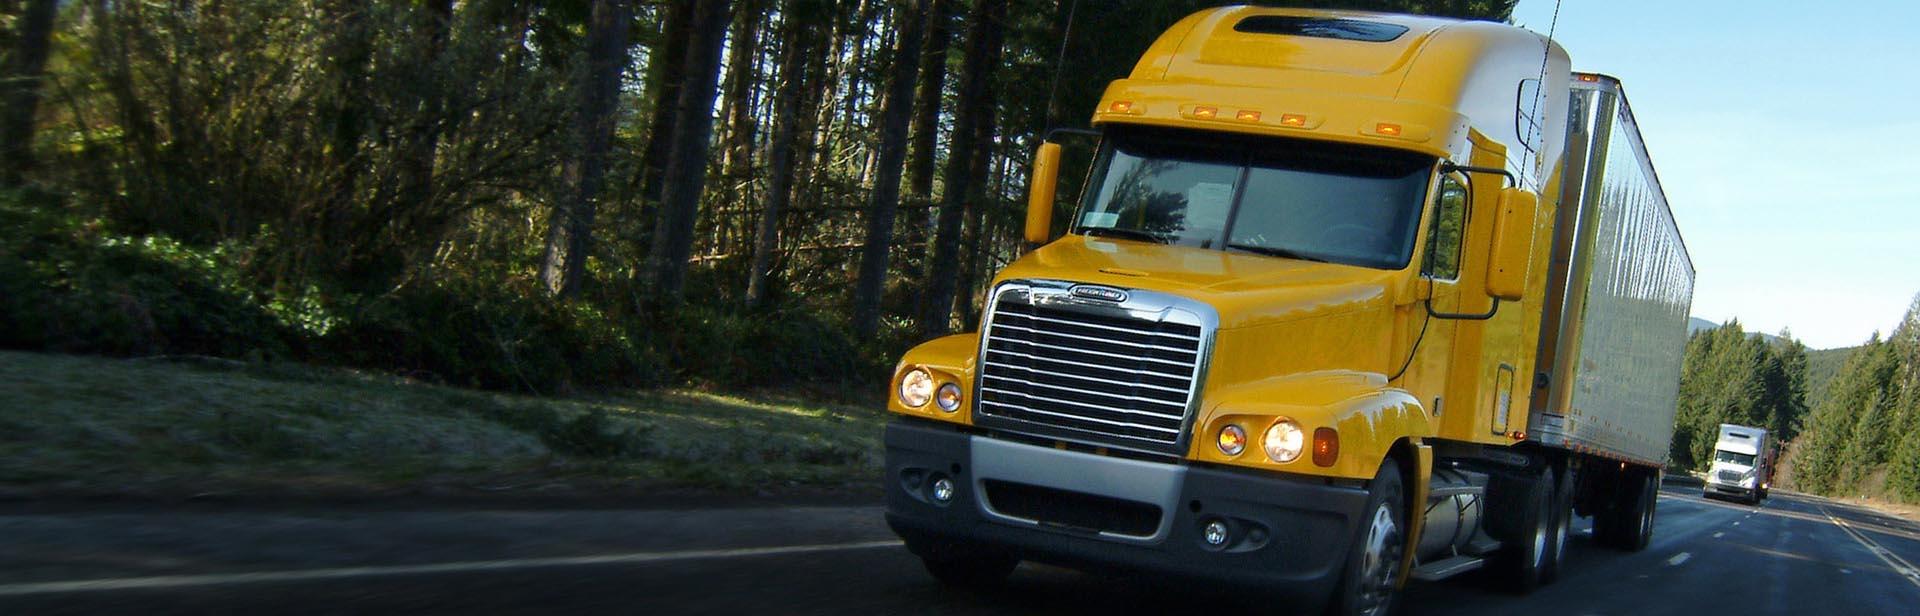 yellow_truck_1920x1080